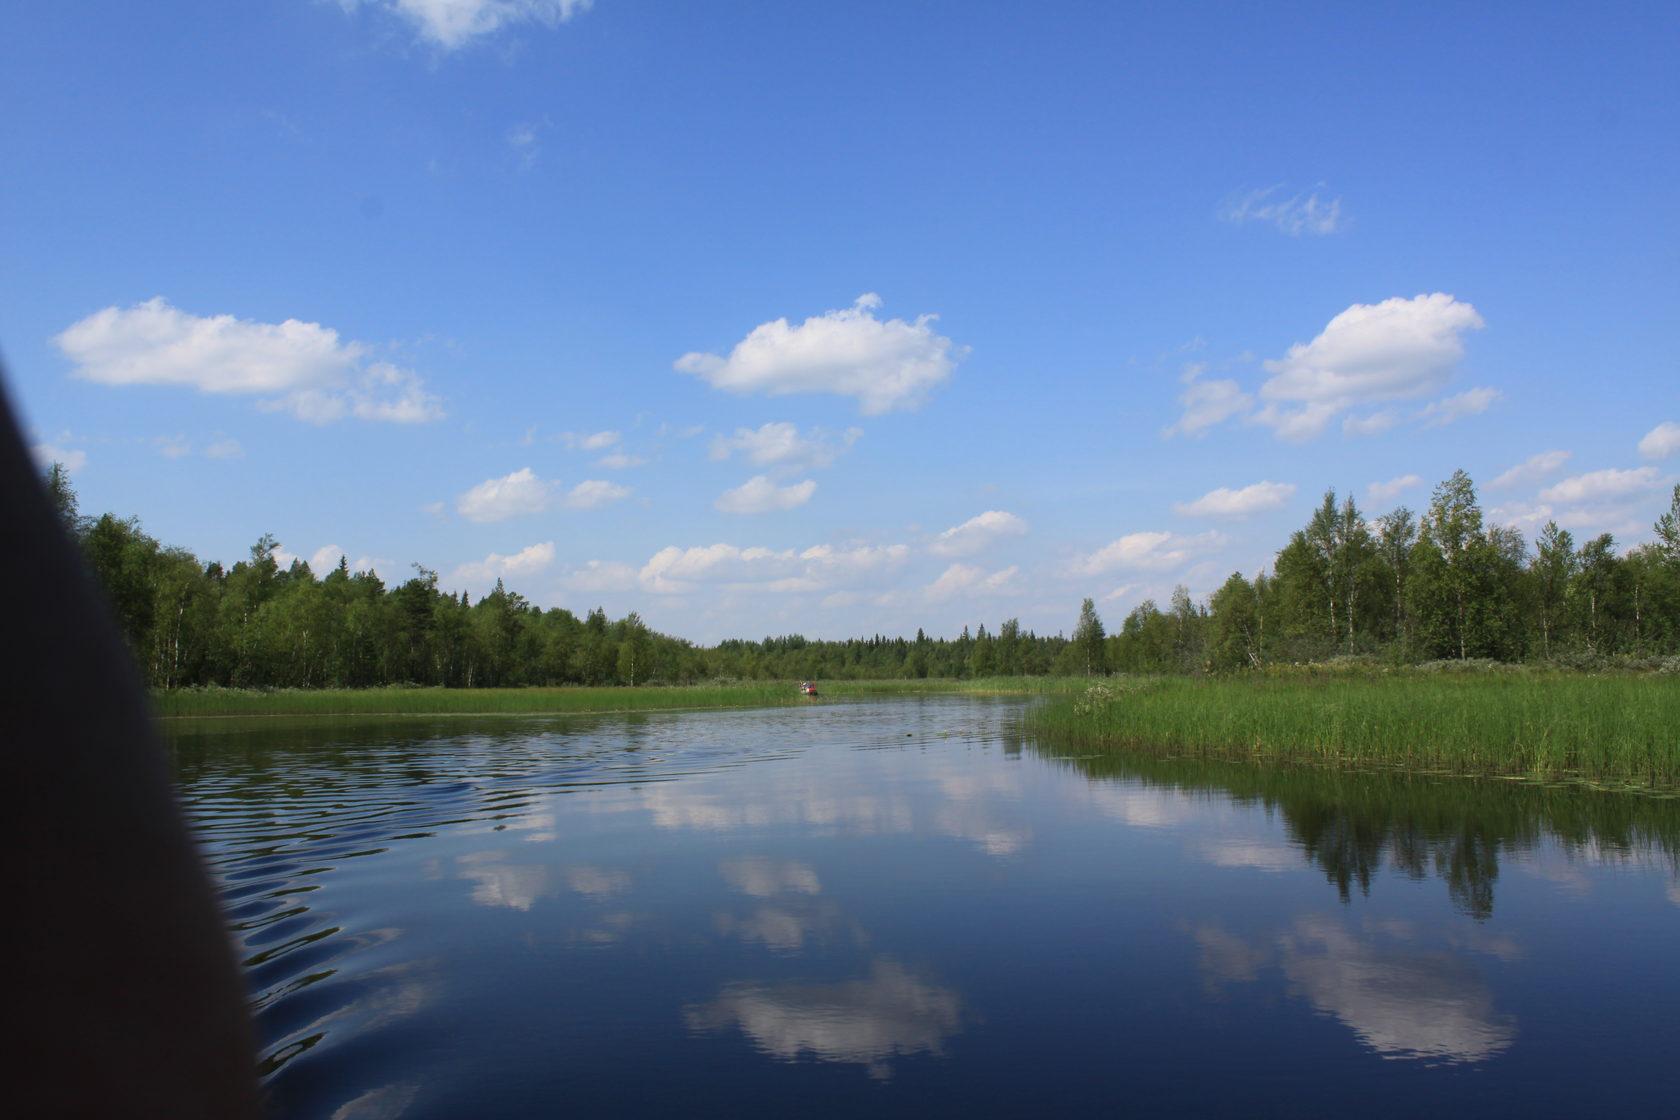 фото реки черной карелия связи